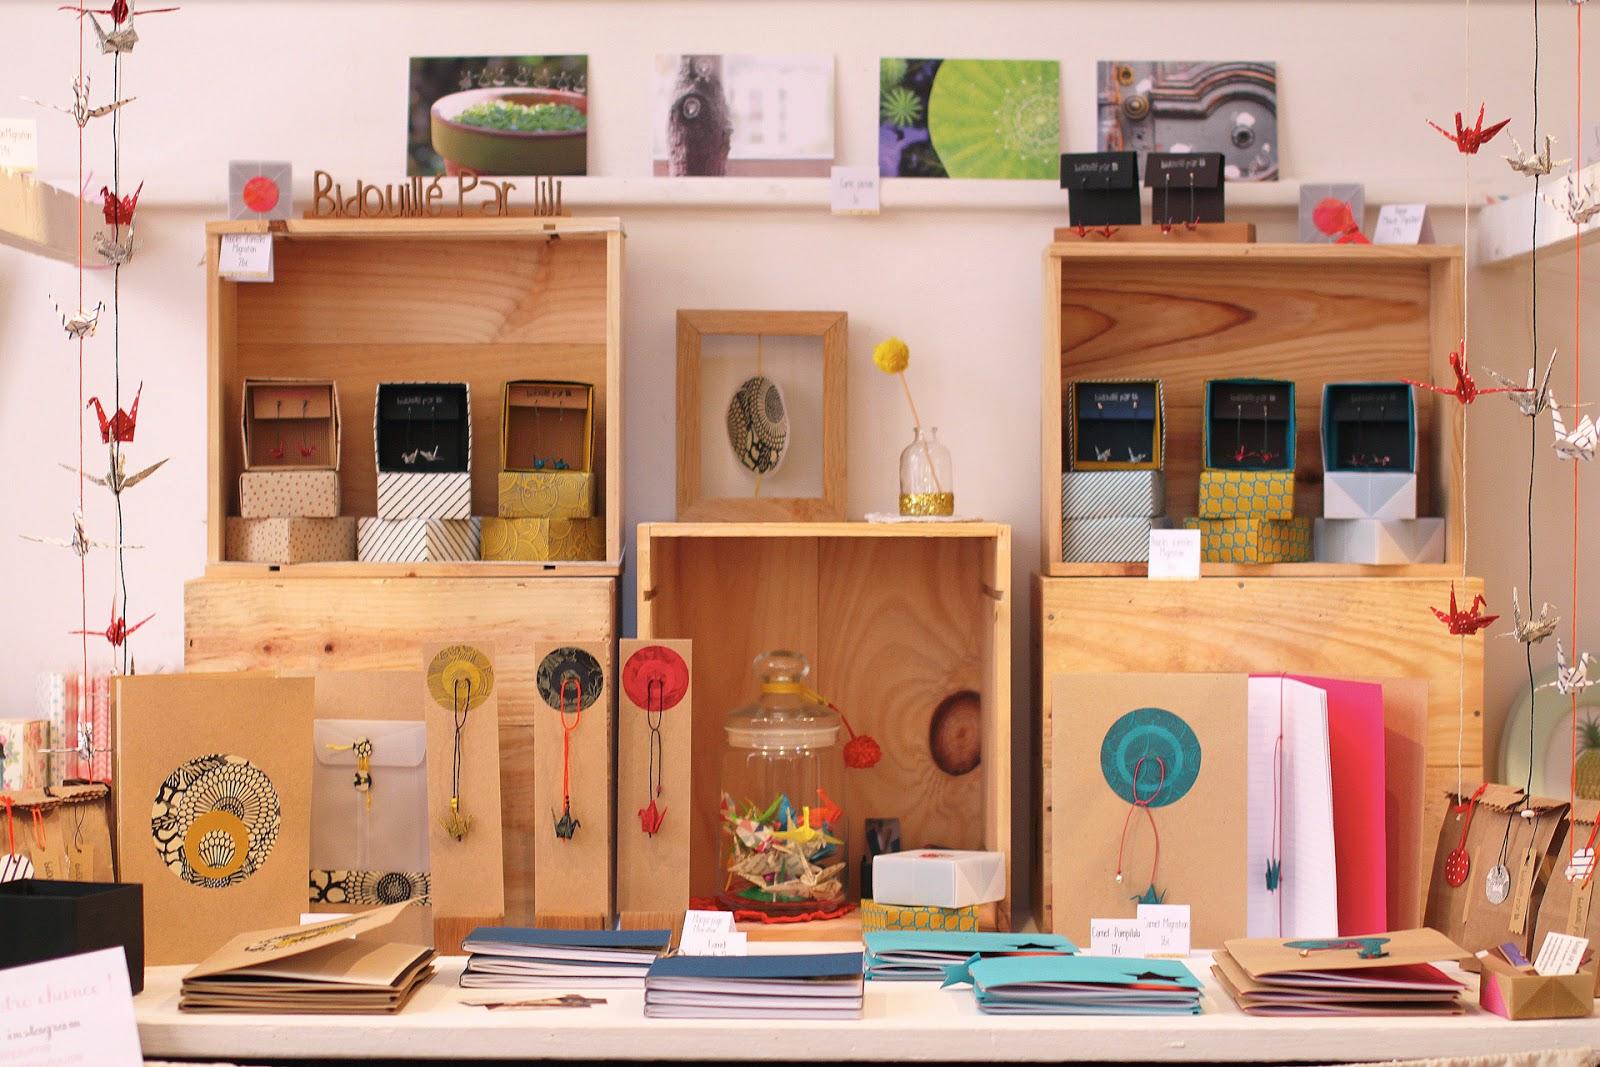 bidouill par lili du c t de l 39 atelier oh my blog. Black Bedroom Furniture Sets. Home Design Ideas